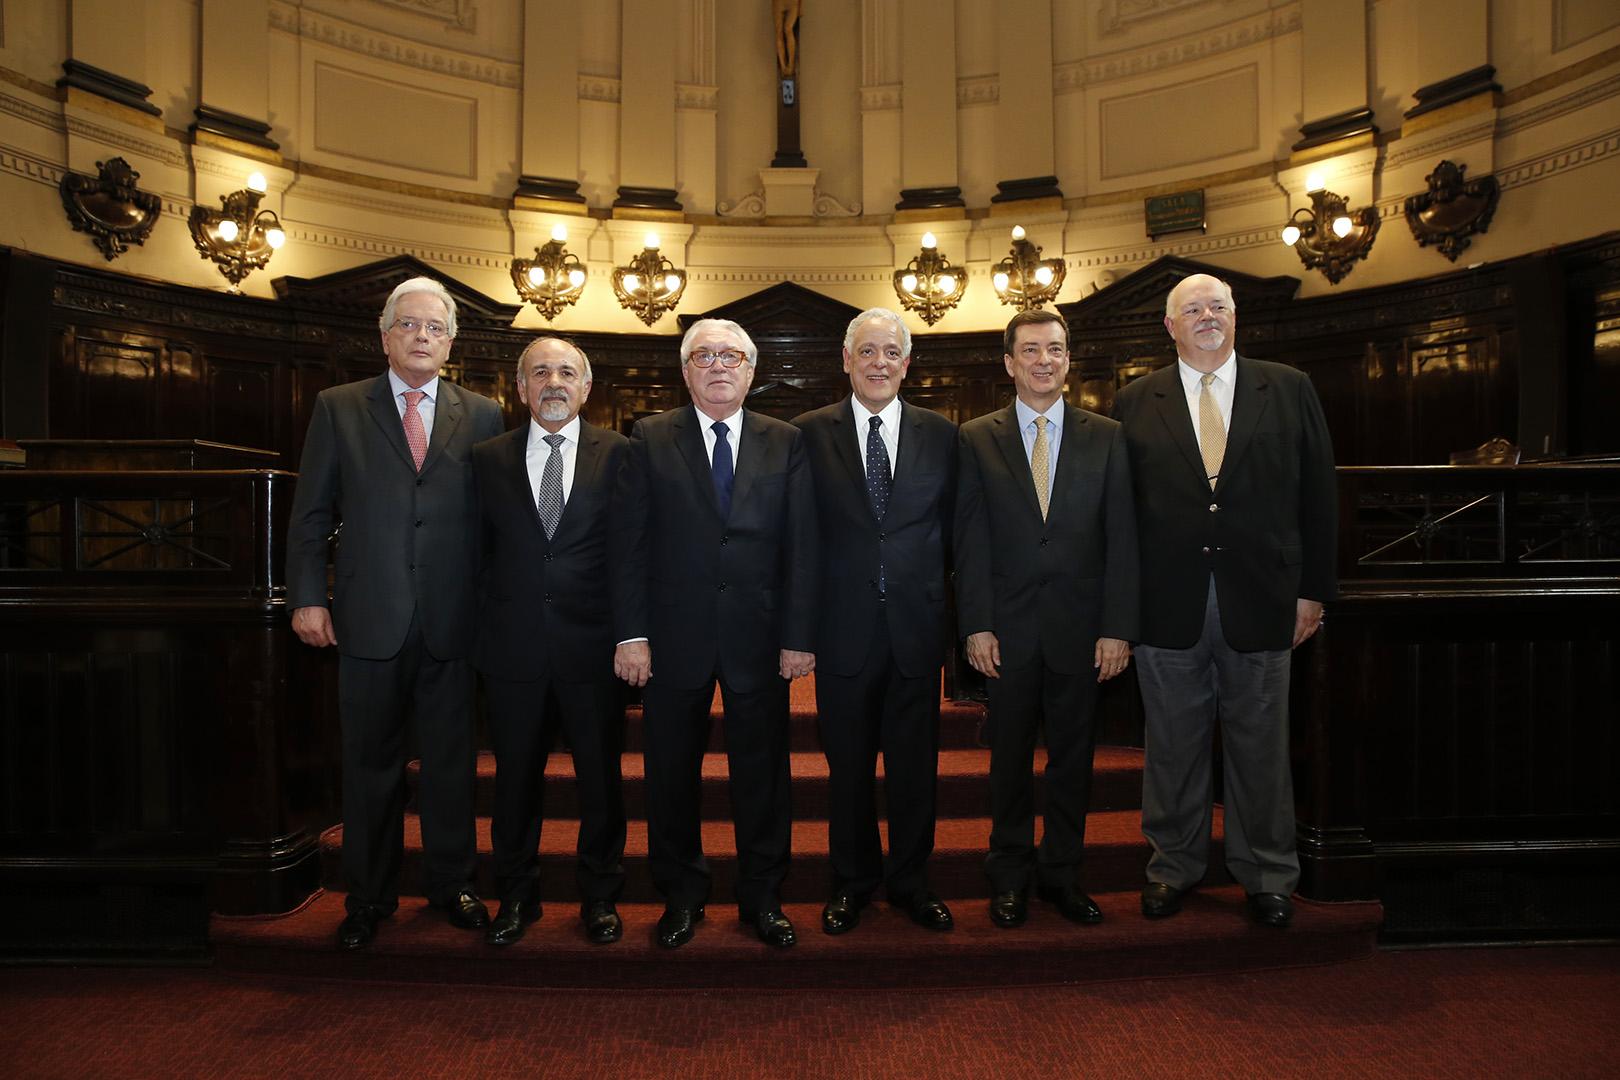 Eleito Conselho Superior da Magistratura para biênio 2018/2019